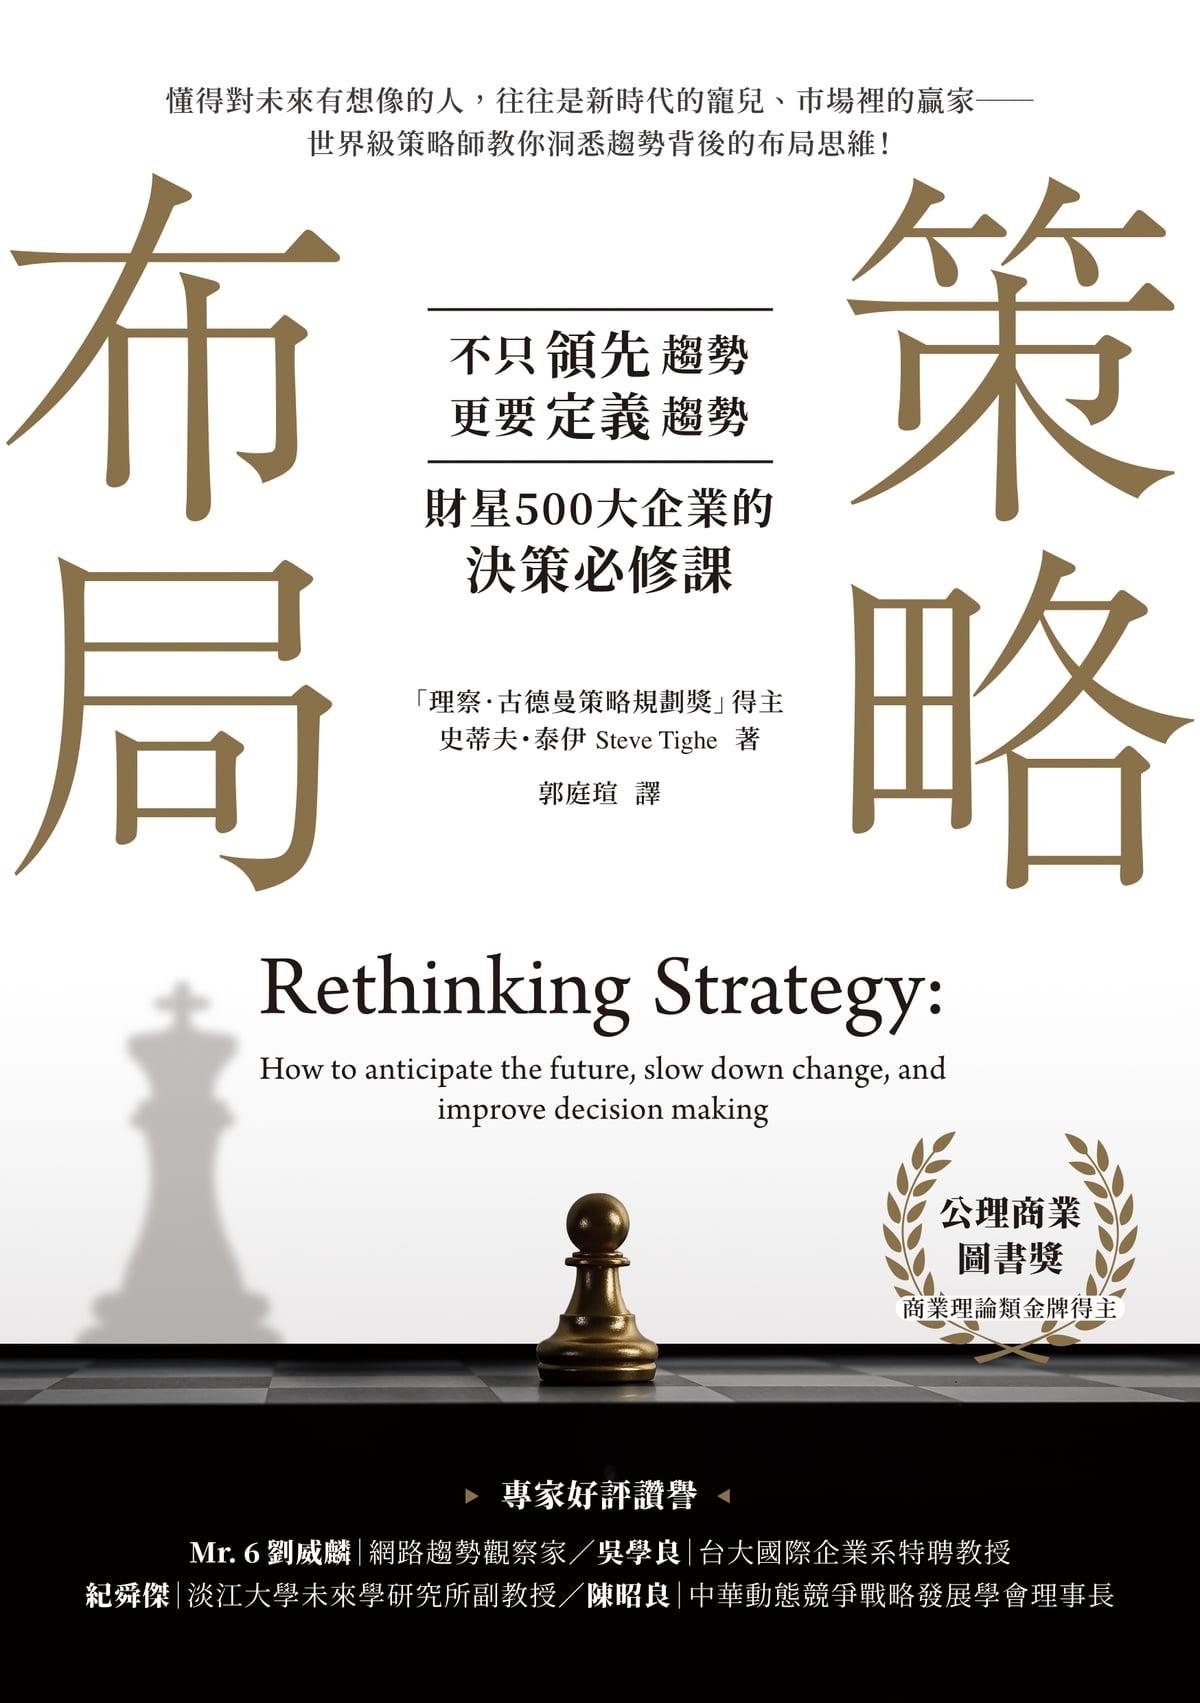 策略布局:不只領先趨勢,更要定義趨勢,財星500大企業的決策必修課 電子書,分類依據 史蒂夫・泰伊 ...